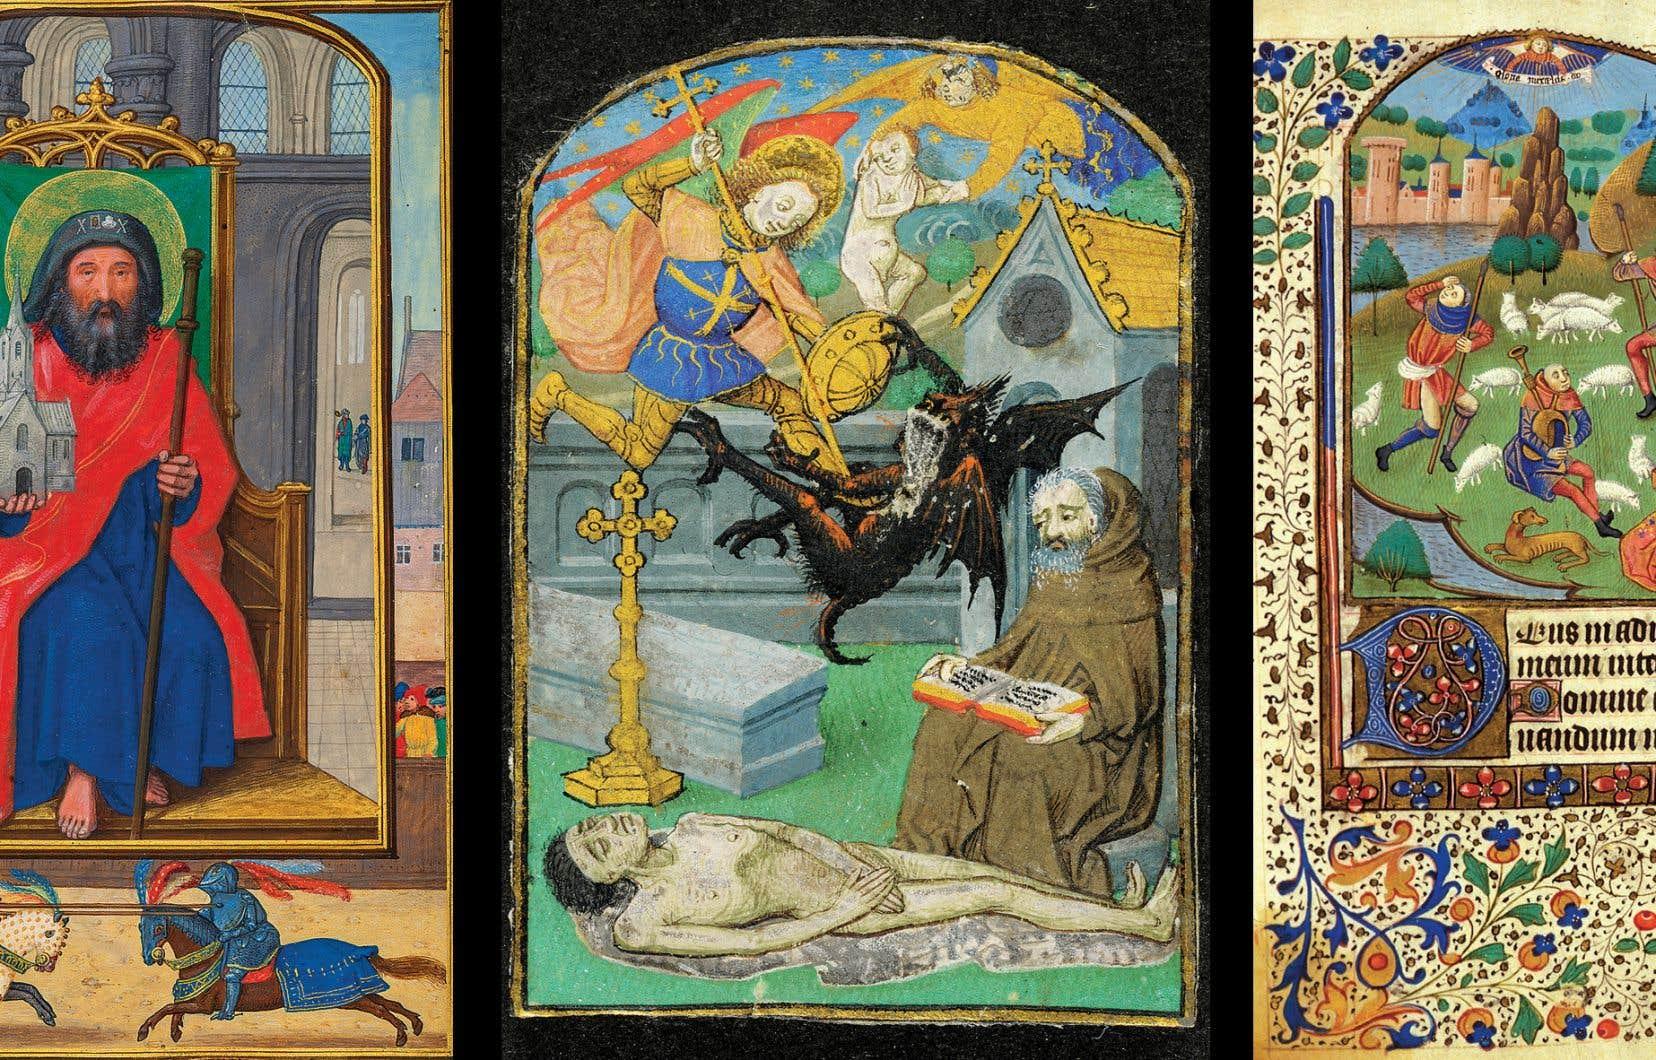 <p>À gauche : Simon Bening (1483-1561), Feuillet d'un livre d'heures : <i>Saint Sébald de Nuremberg</i>, vers 1515-1525. MBAM, achat, legs Horsley et Annie Townsend.<br /> Au centre : Maître de l'échevinage de Rouen, <i>Moine (ermite) priant pour le défunt et Combat pour son âme entre saint Michel et le diable</i>, vers 1470, Rouen, miniature extraite d'un bréviaire manuscrit en latin à l'usage de Rouen (?), de Rome (?). Montréal, Bibliothèque de l'Université McGill, Livres rares et collections spécialisées, achat de Gerhard R. Lomer, bibliothécaire universitaire de McGill, à la demande de R. Cleveland Morgan, 1927.<br /> À droite : Atelier du Maître de l'échevinage de Rouen, <i>L'Annonce aux bergers</i>, Heures de Pellegrin de Remicourt et de Madeleine Symier, vers 1470-1475, Rouen. Université du Québec à Montréal, Bibliothèque des arts, Collections spéciales, legs de l'École des Beaux-Arts de Montréal, 1969.</p>